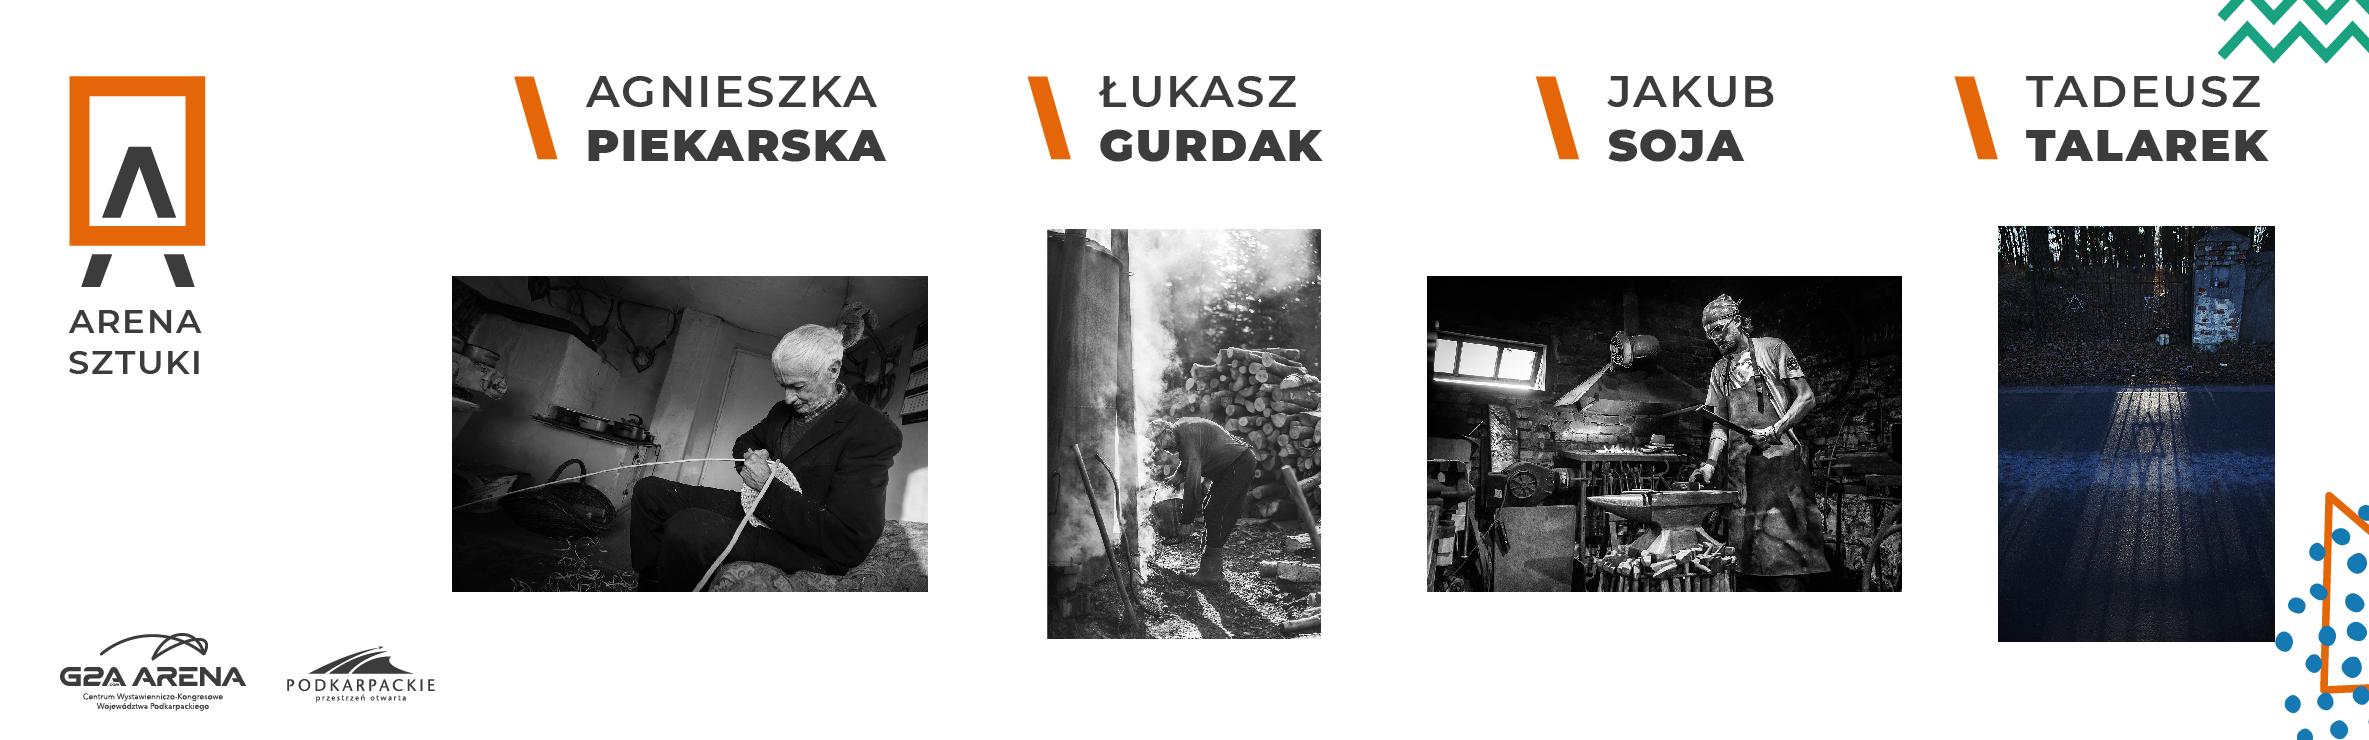 Arena Sztuki – Znikające obrazy Podkarpacia…? – MARZEC